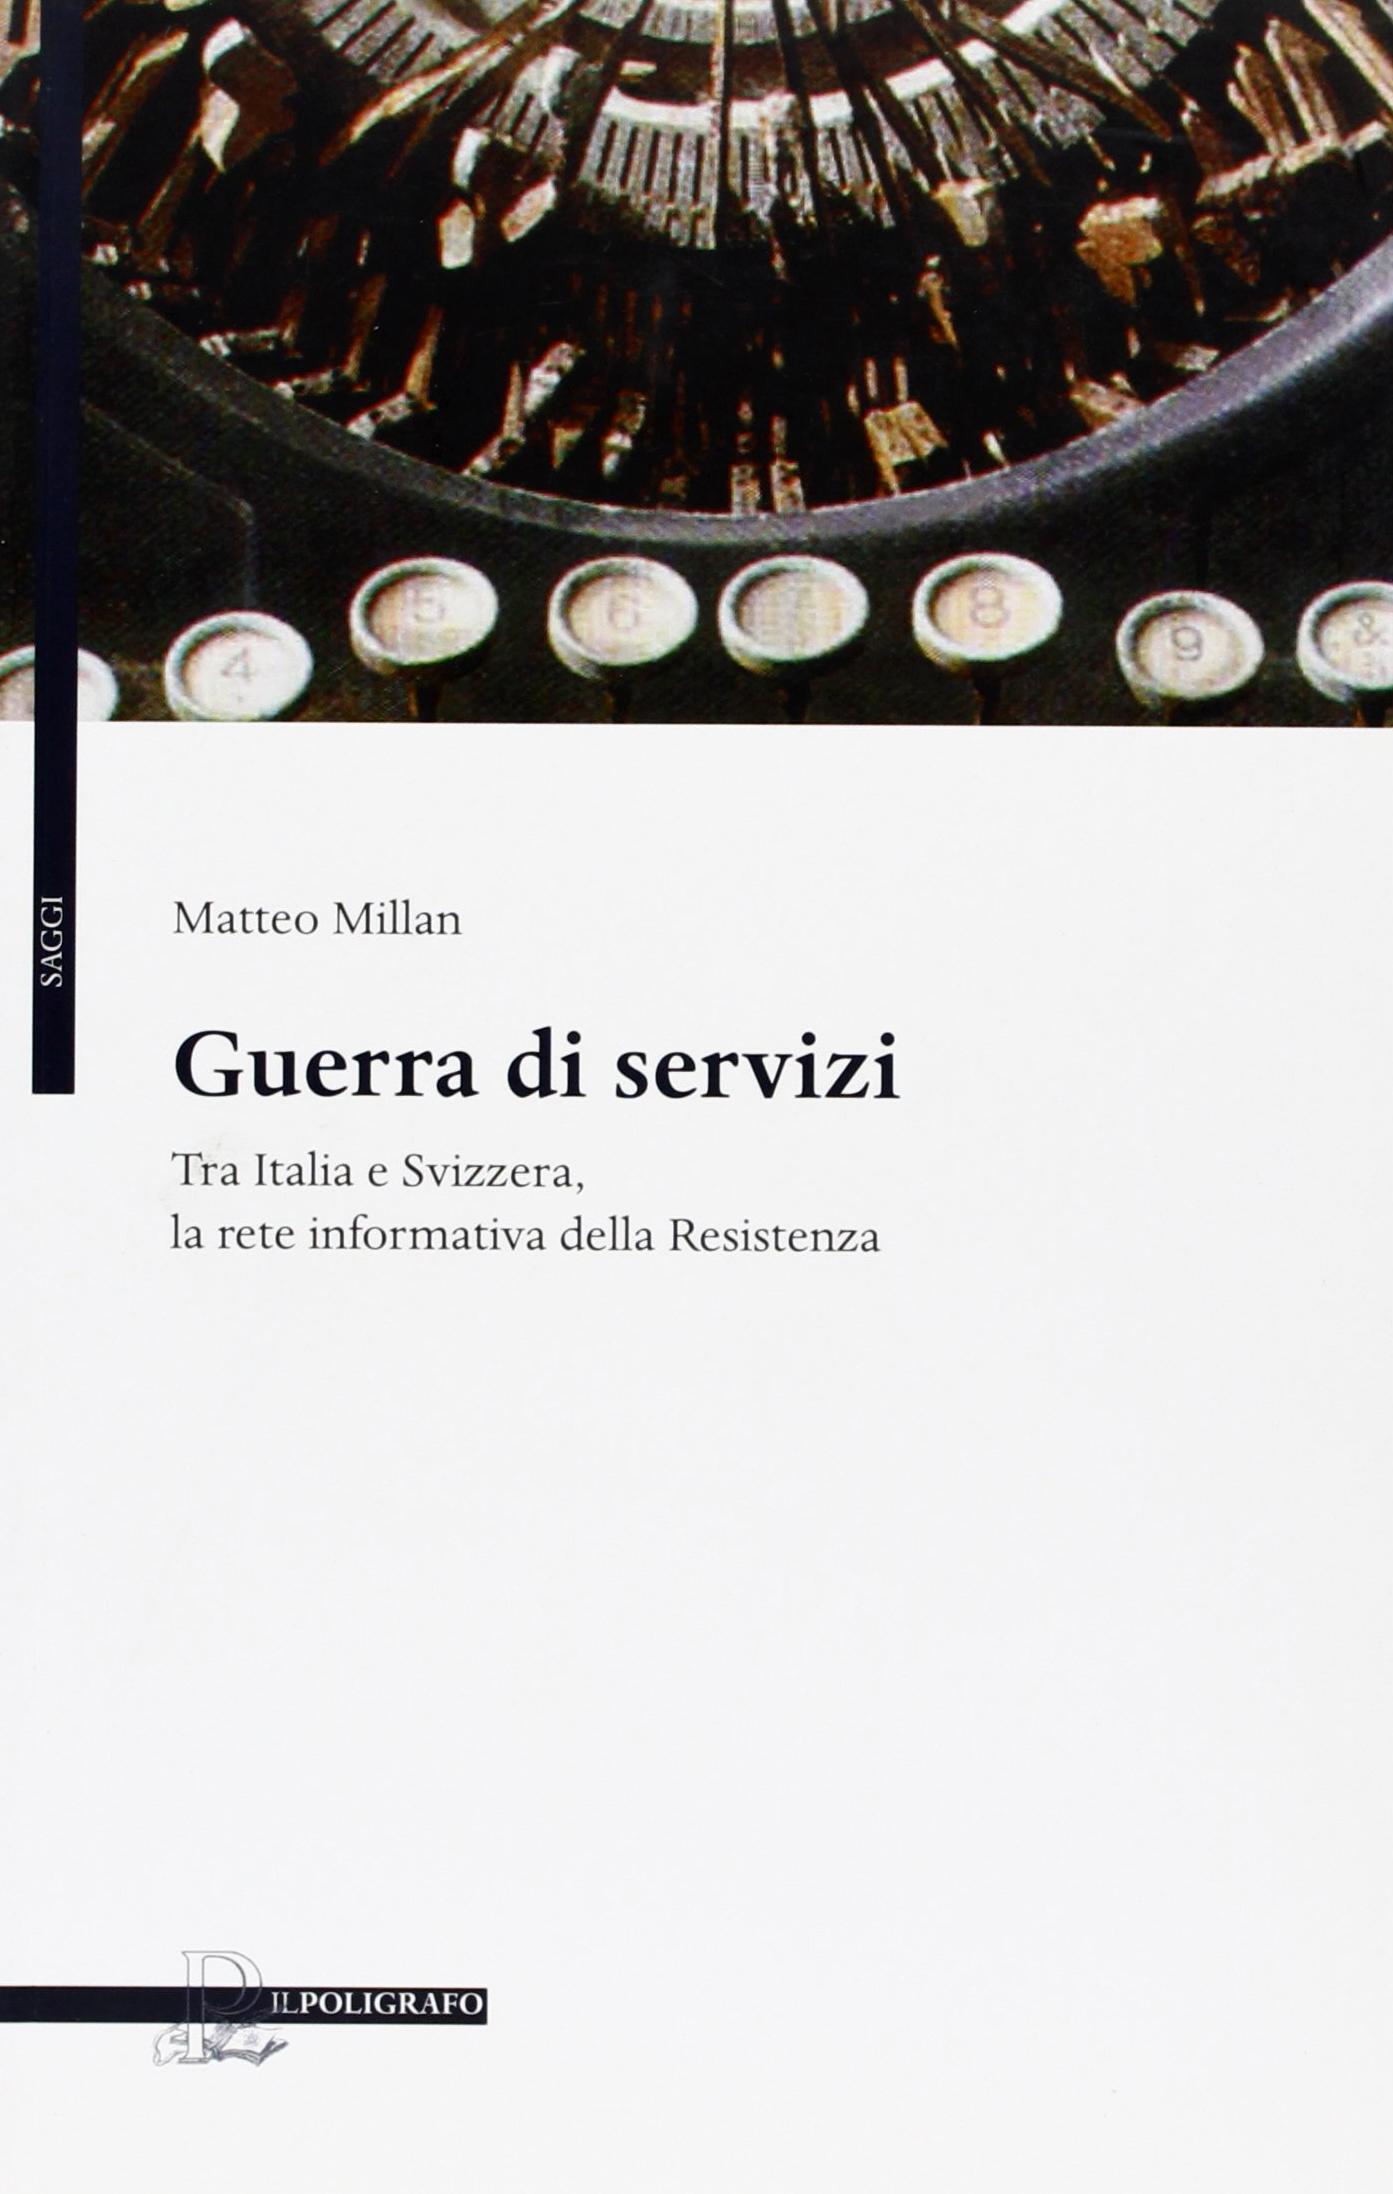 Guerra di servizi tra Italia e Svizzera. La rete informativa della Resistenza